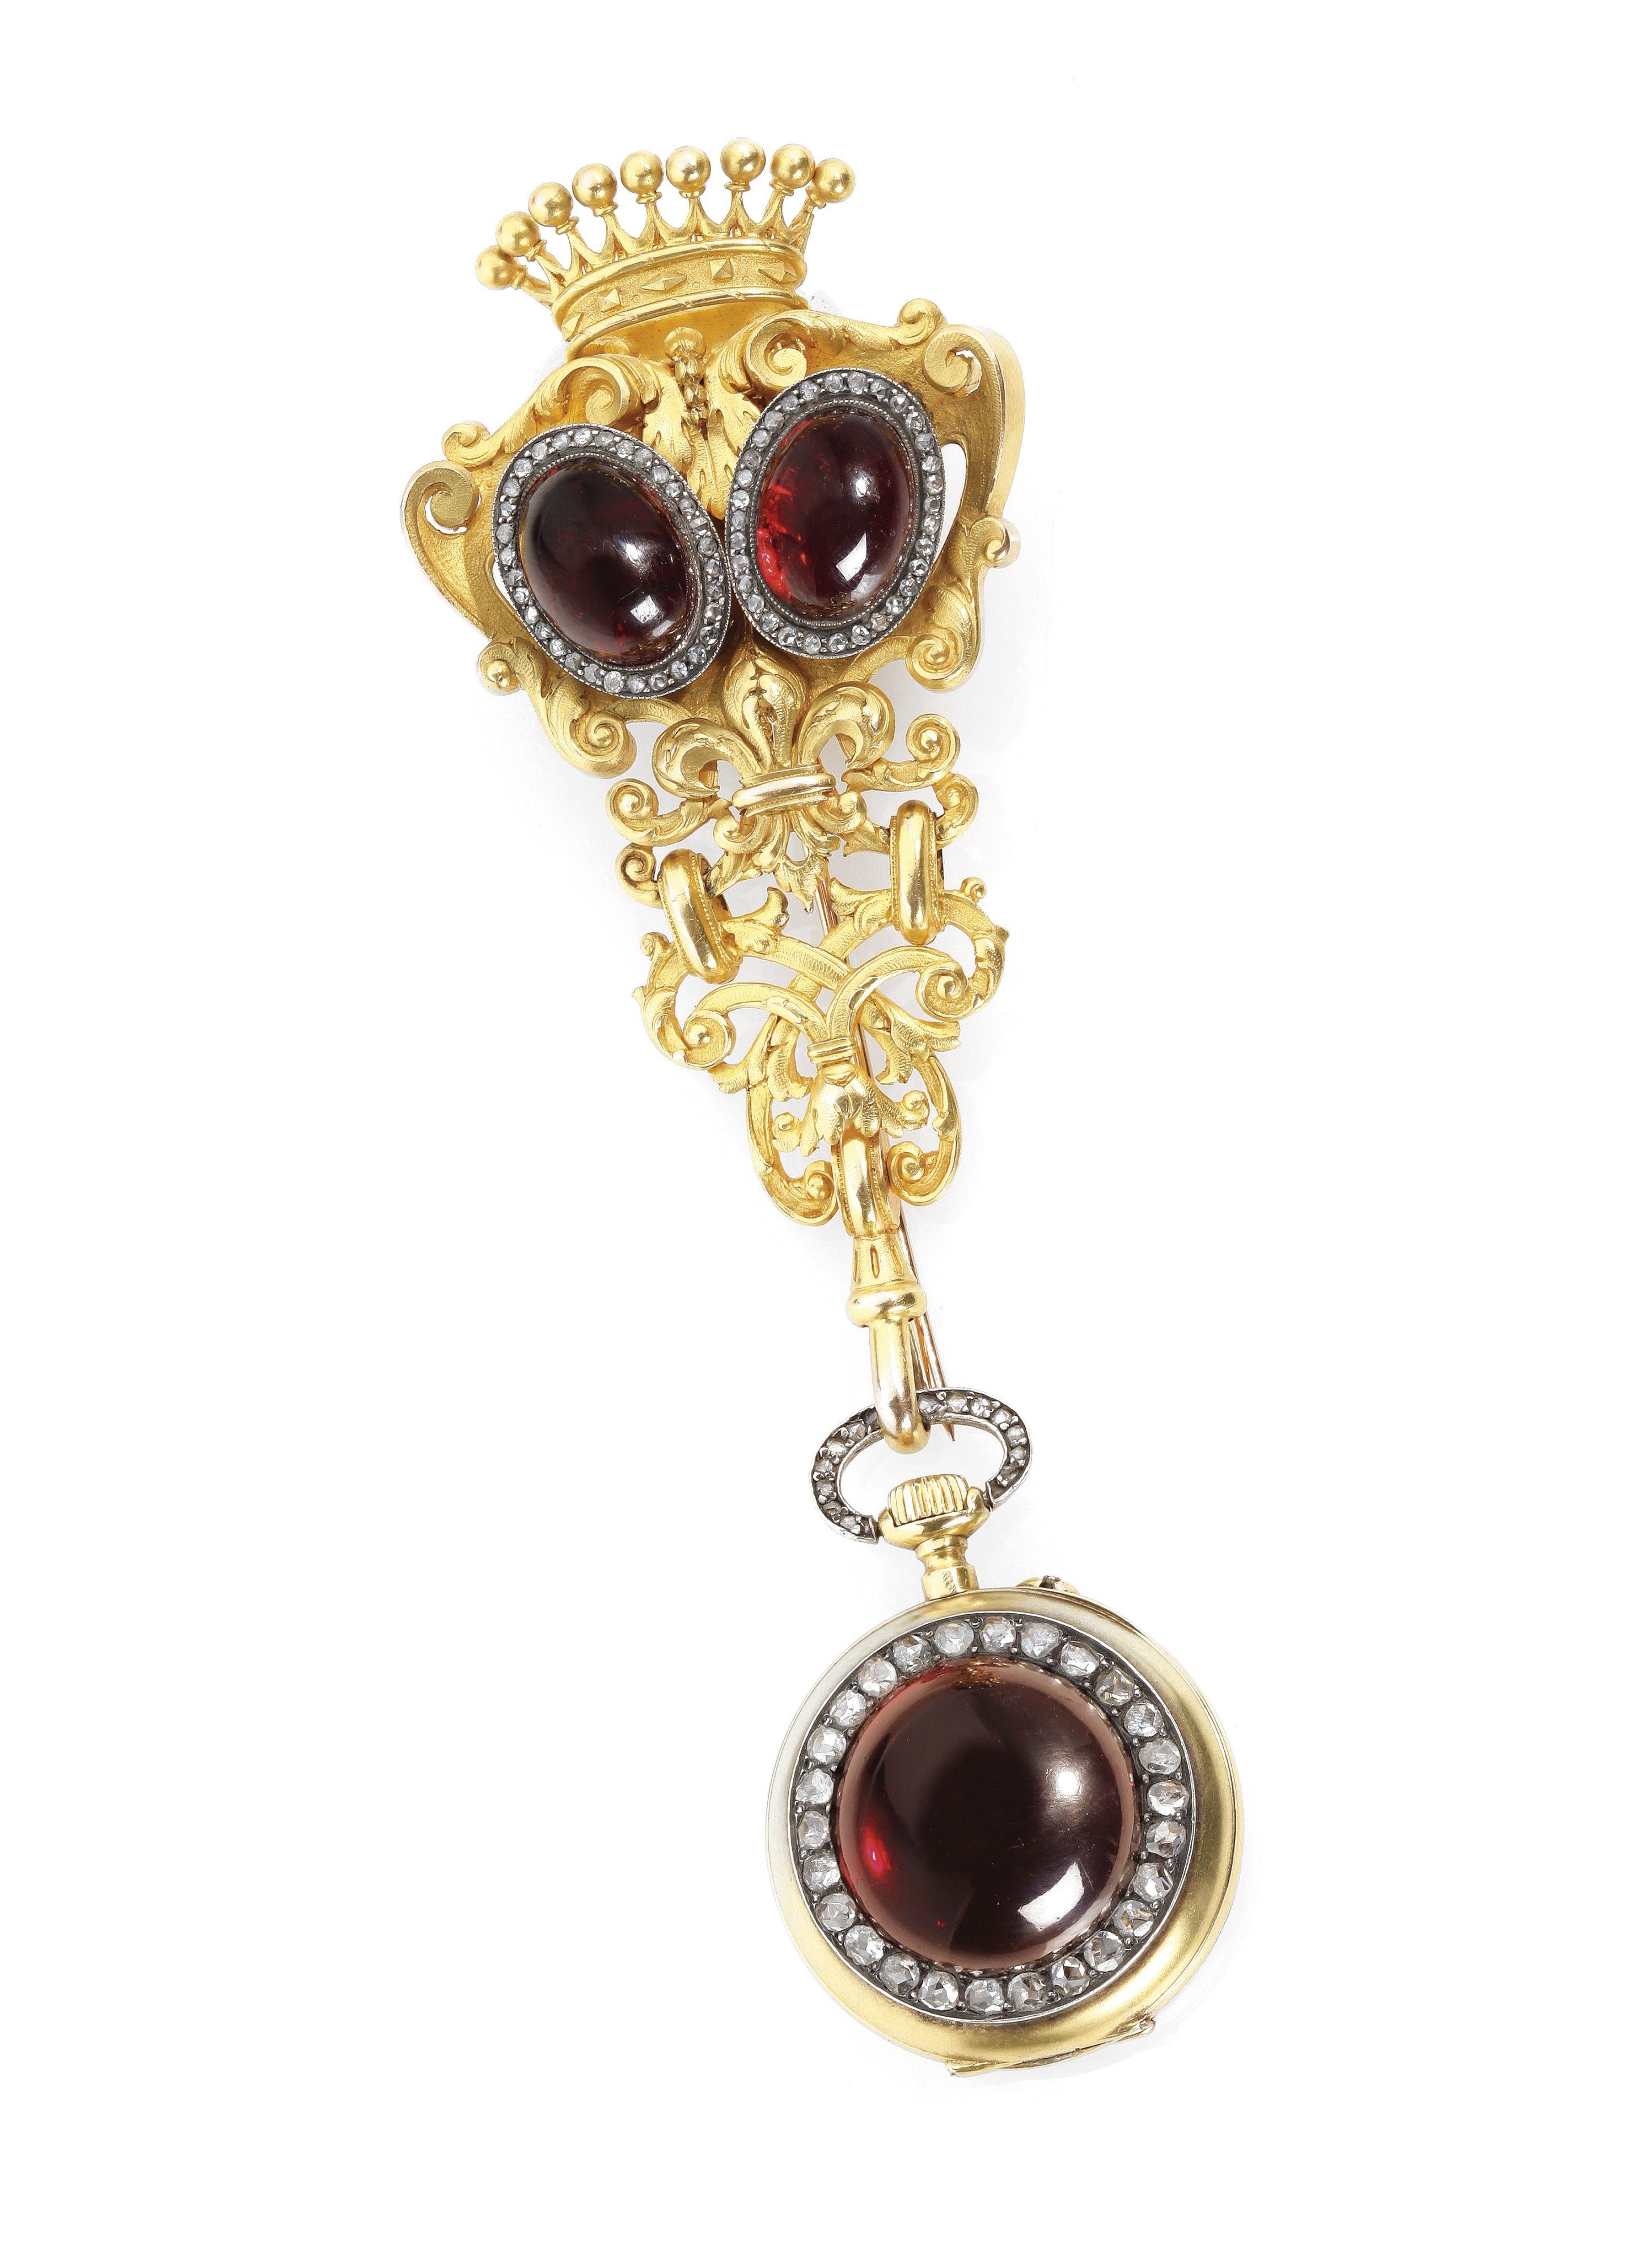 Swiss a yellow gold diamond and garnetset keyless watch with